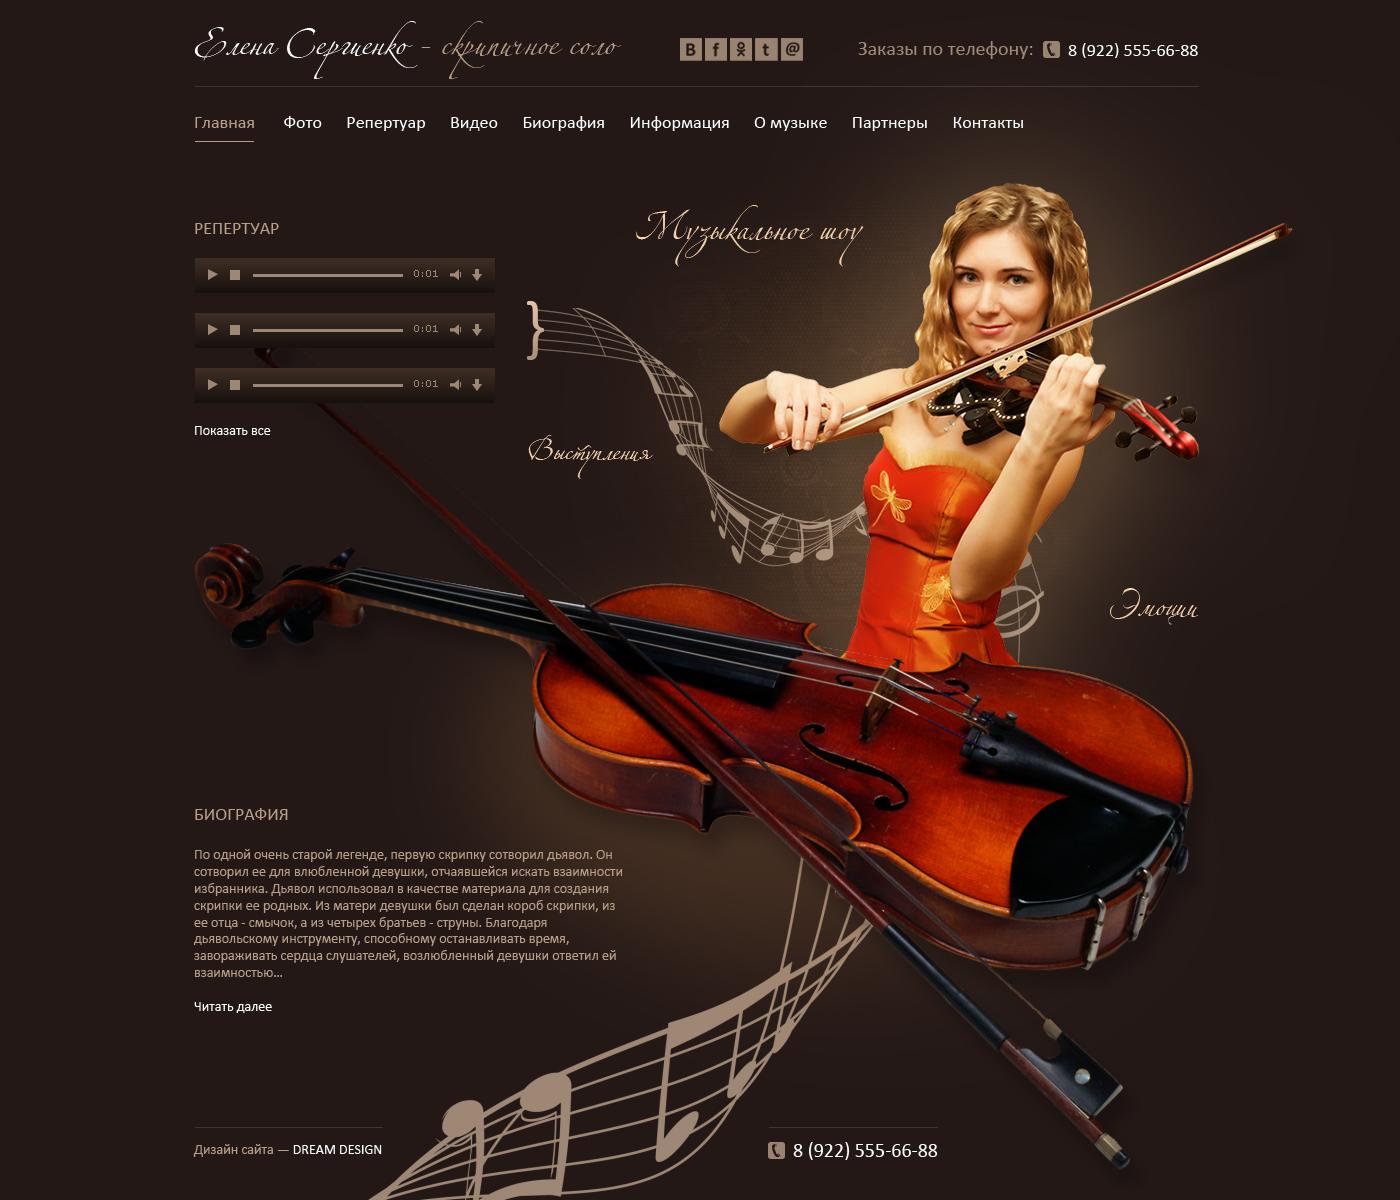 Елена Сергиенко - скрипичное соло